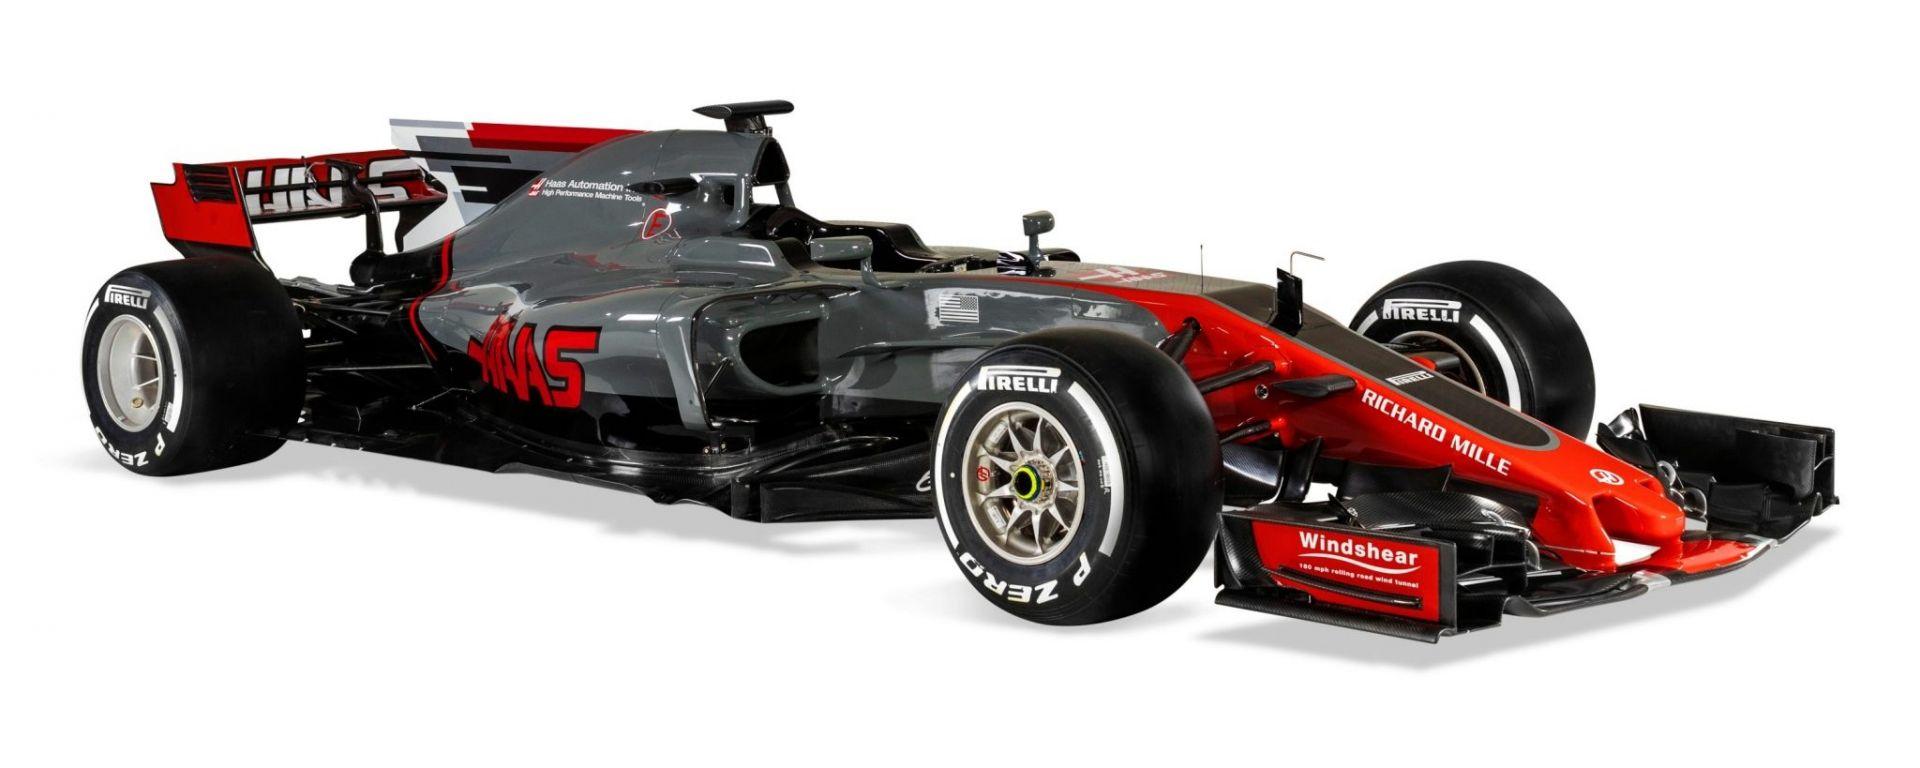 F1 2017: F1 2017: svelata la Haas F1 VF-17 - MotorBox